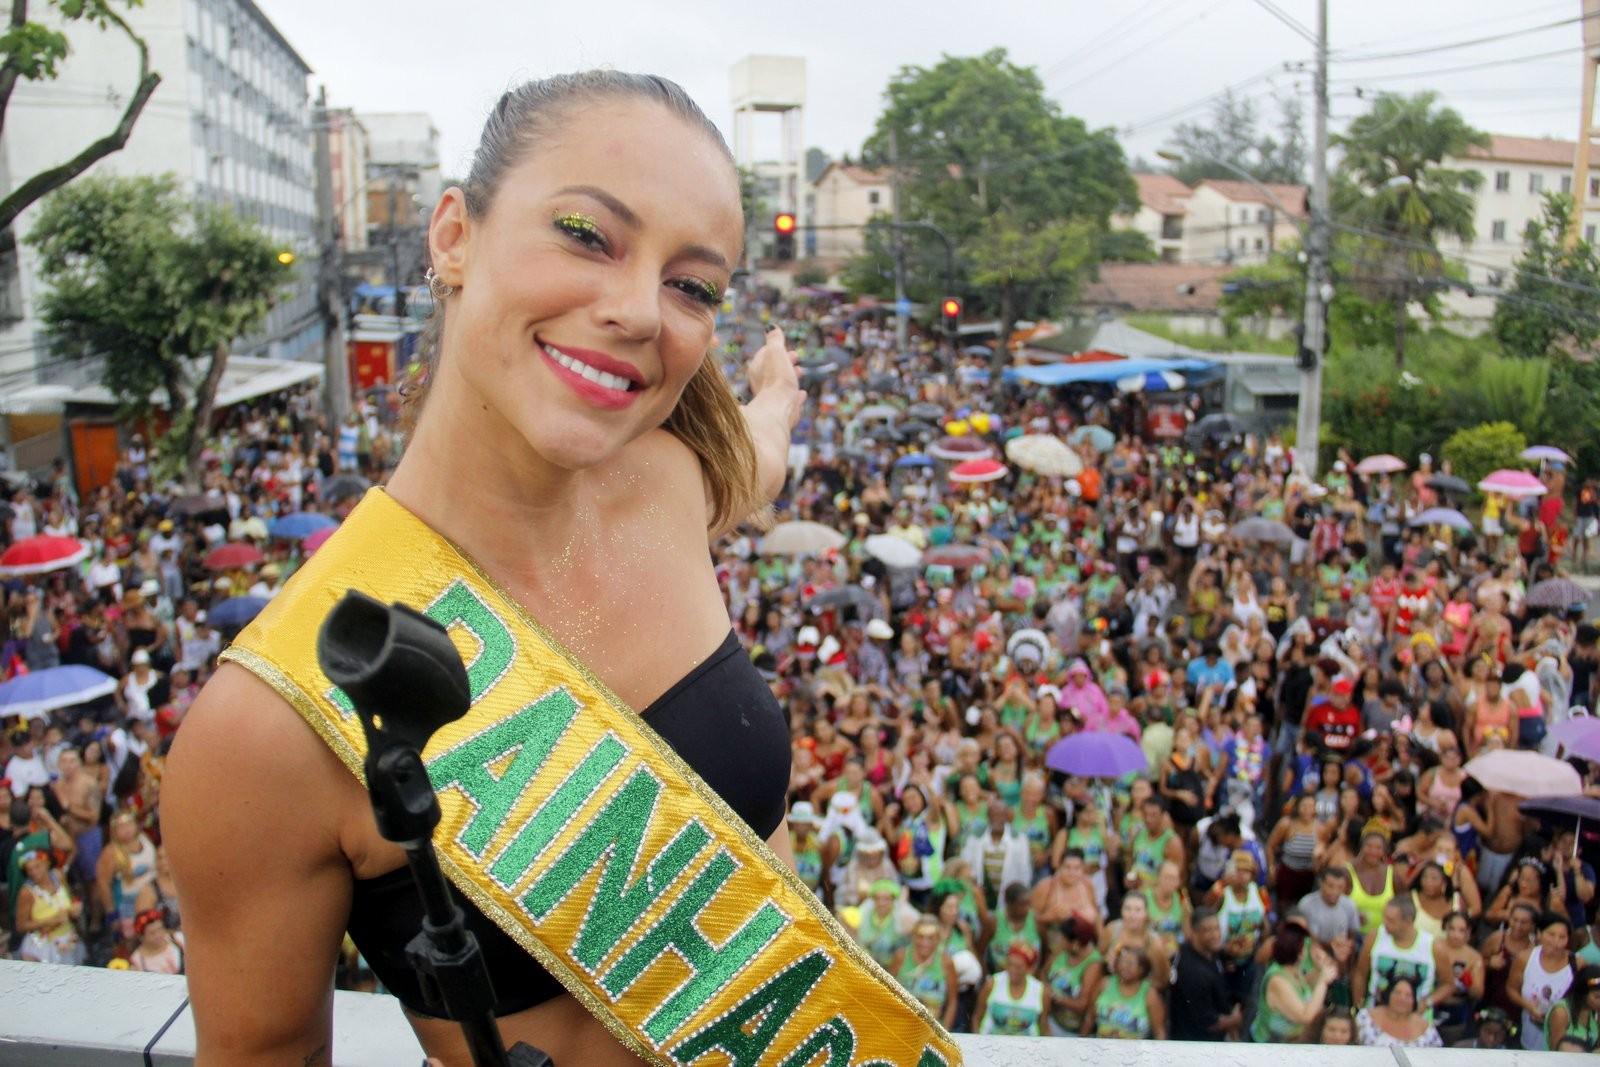 AO VIVO: Blocos do Rio levam 1 milhão para as ruas